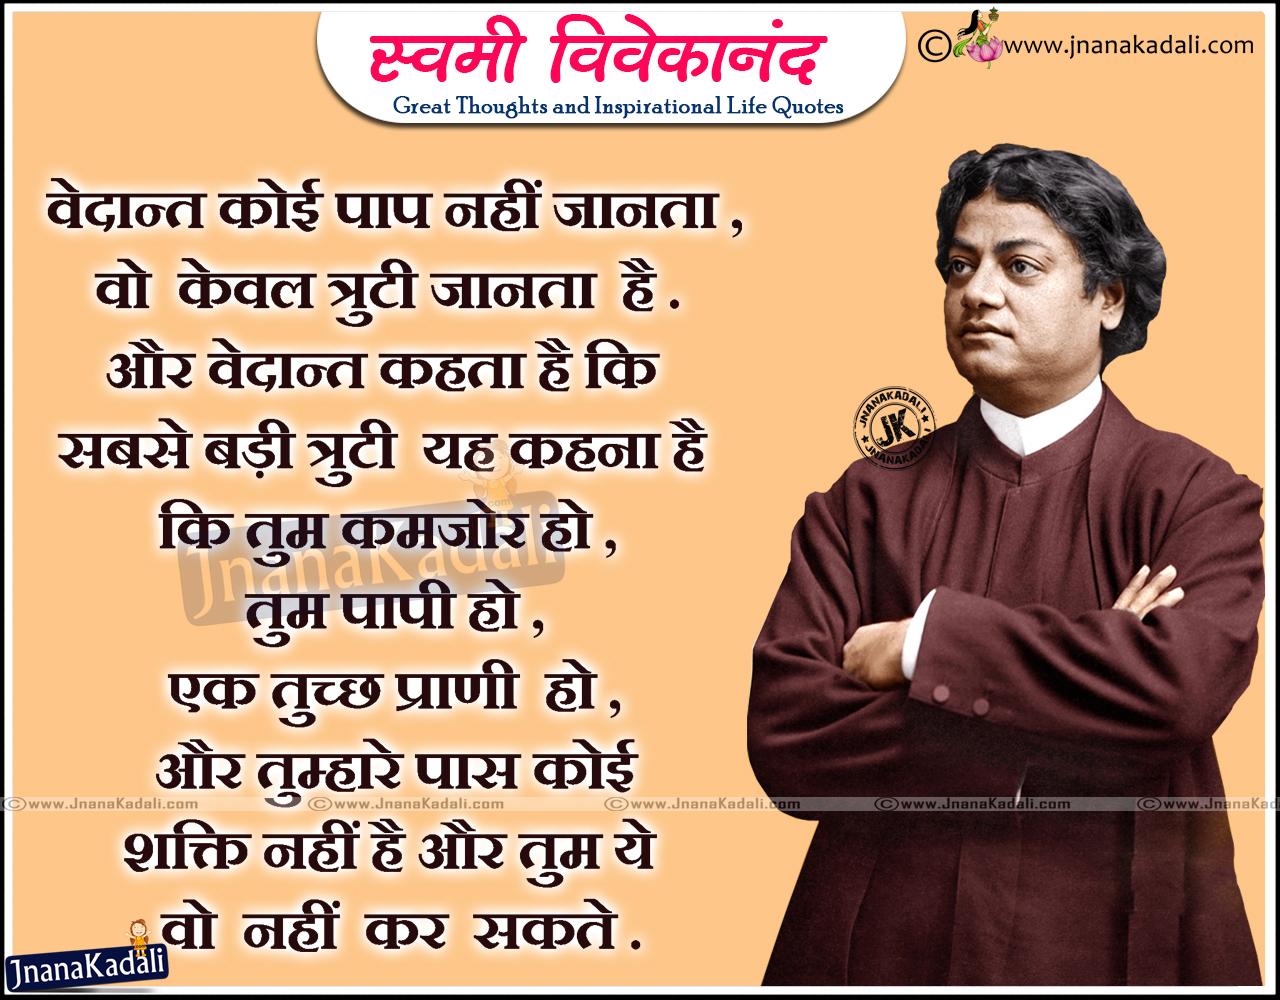 hindi good thoughts and swami vivekananda good reads